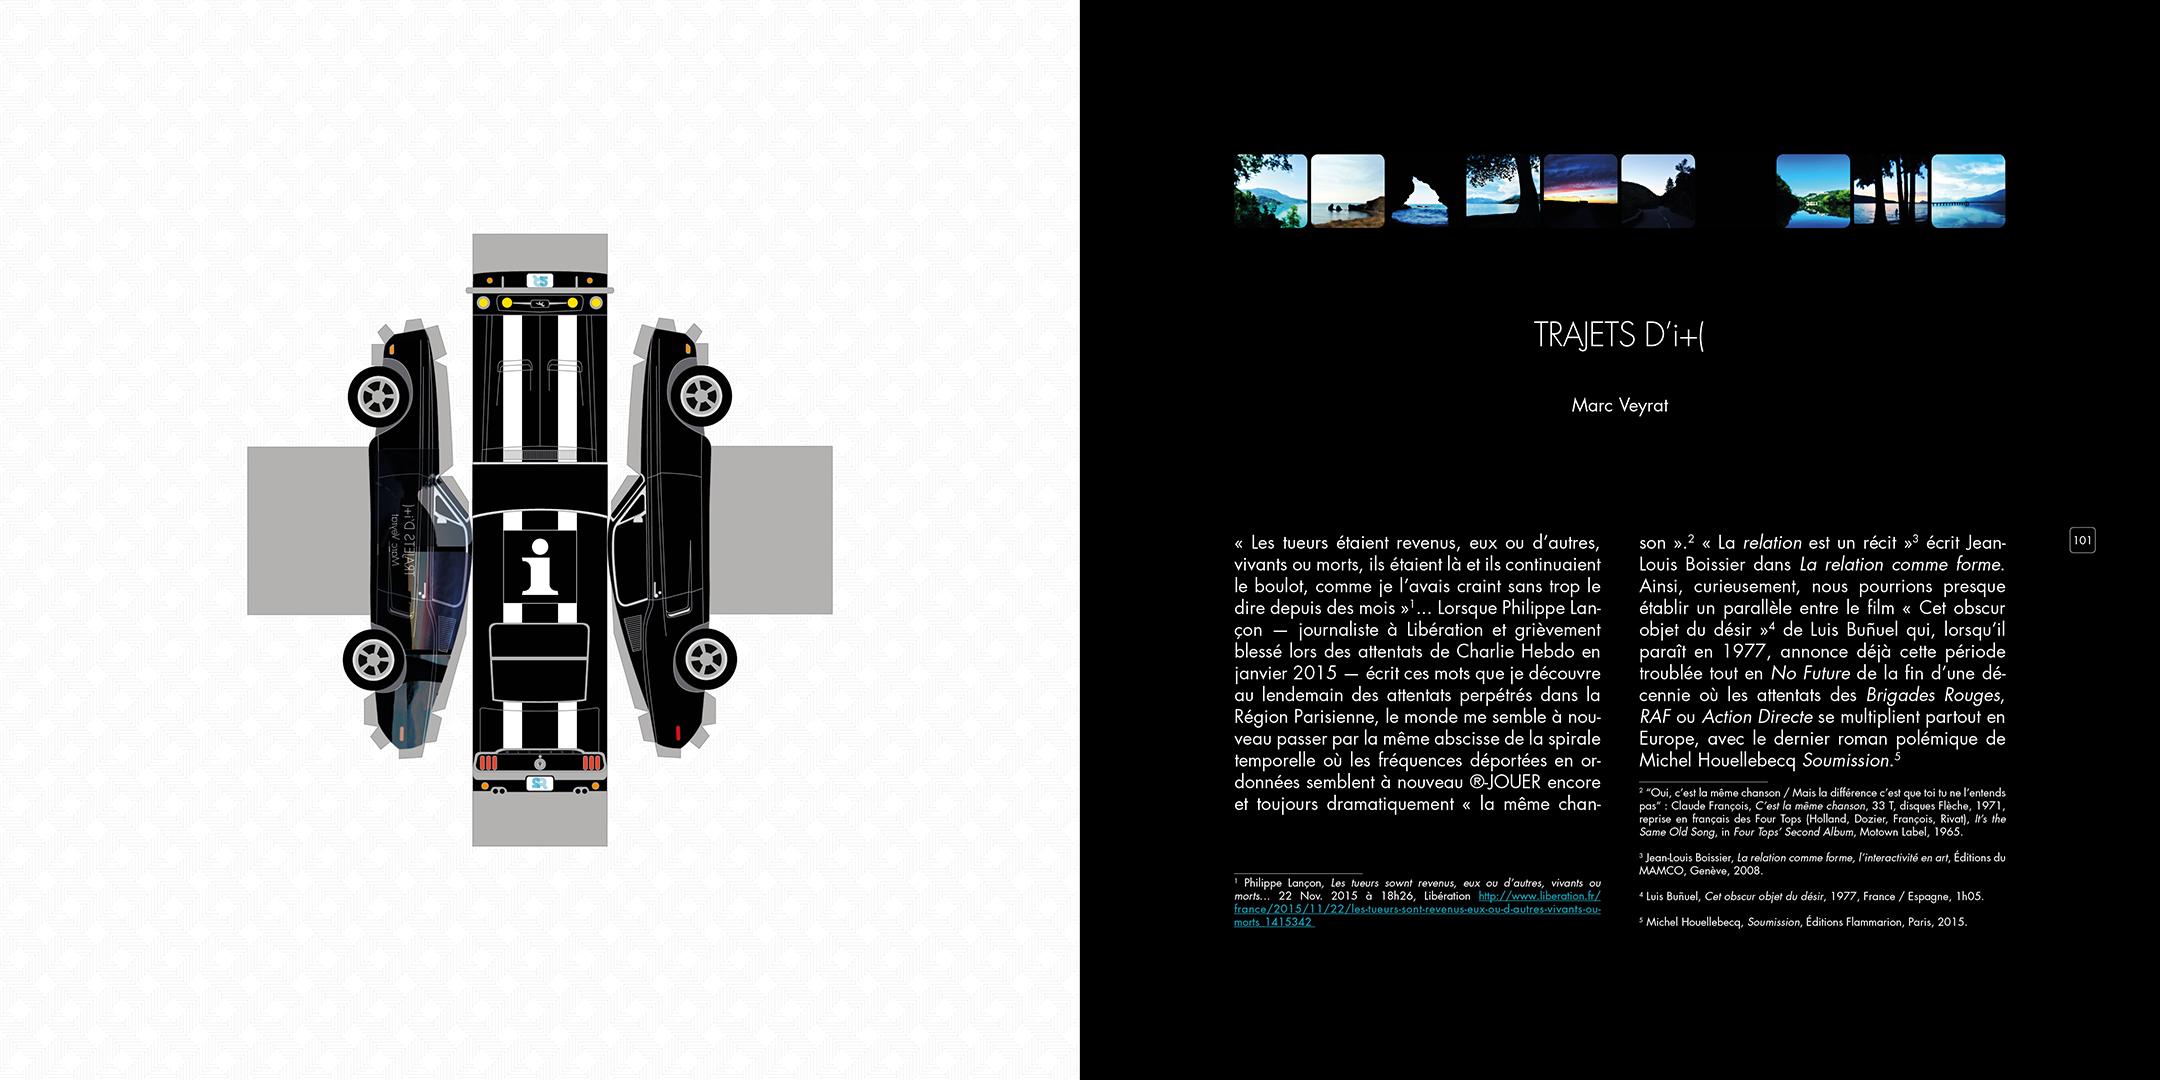 01. Texte et image 2.10